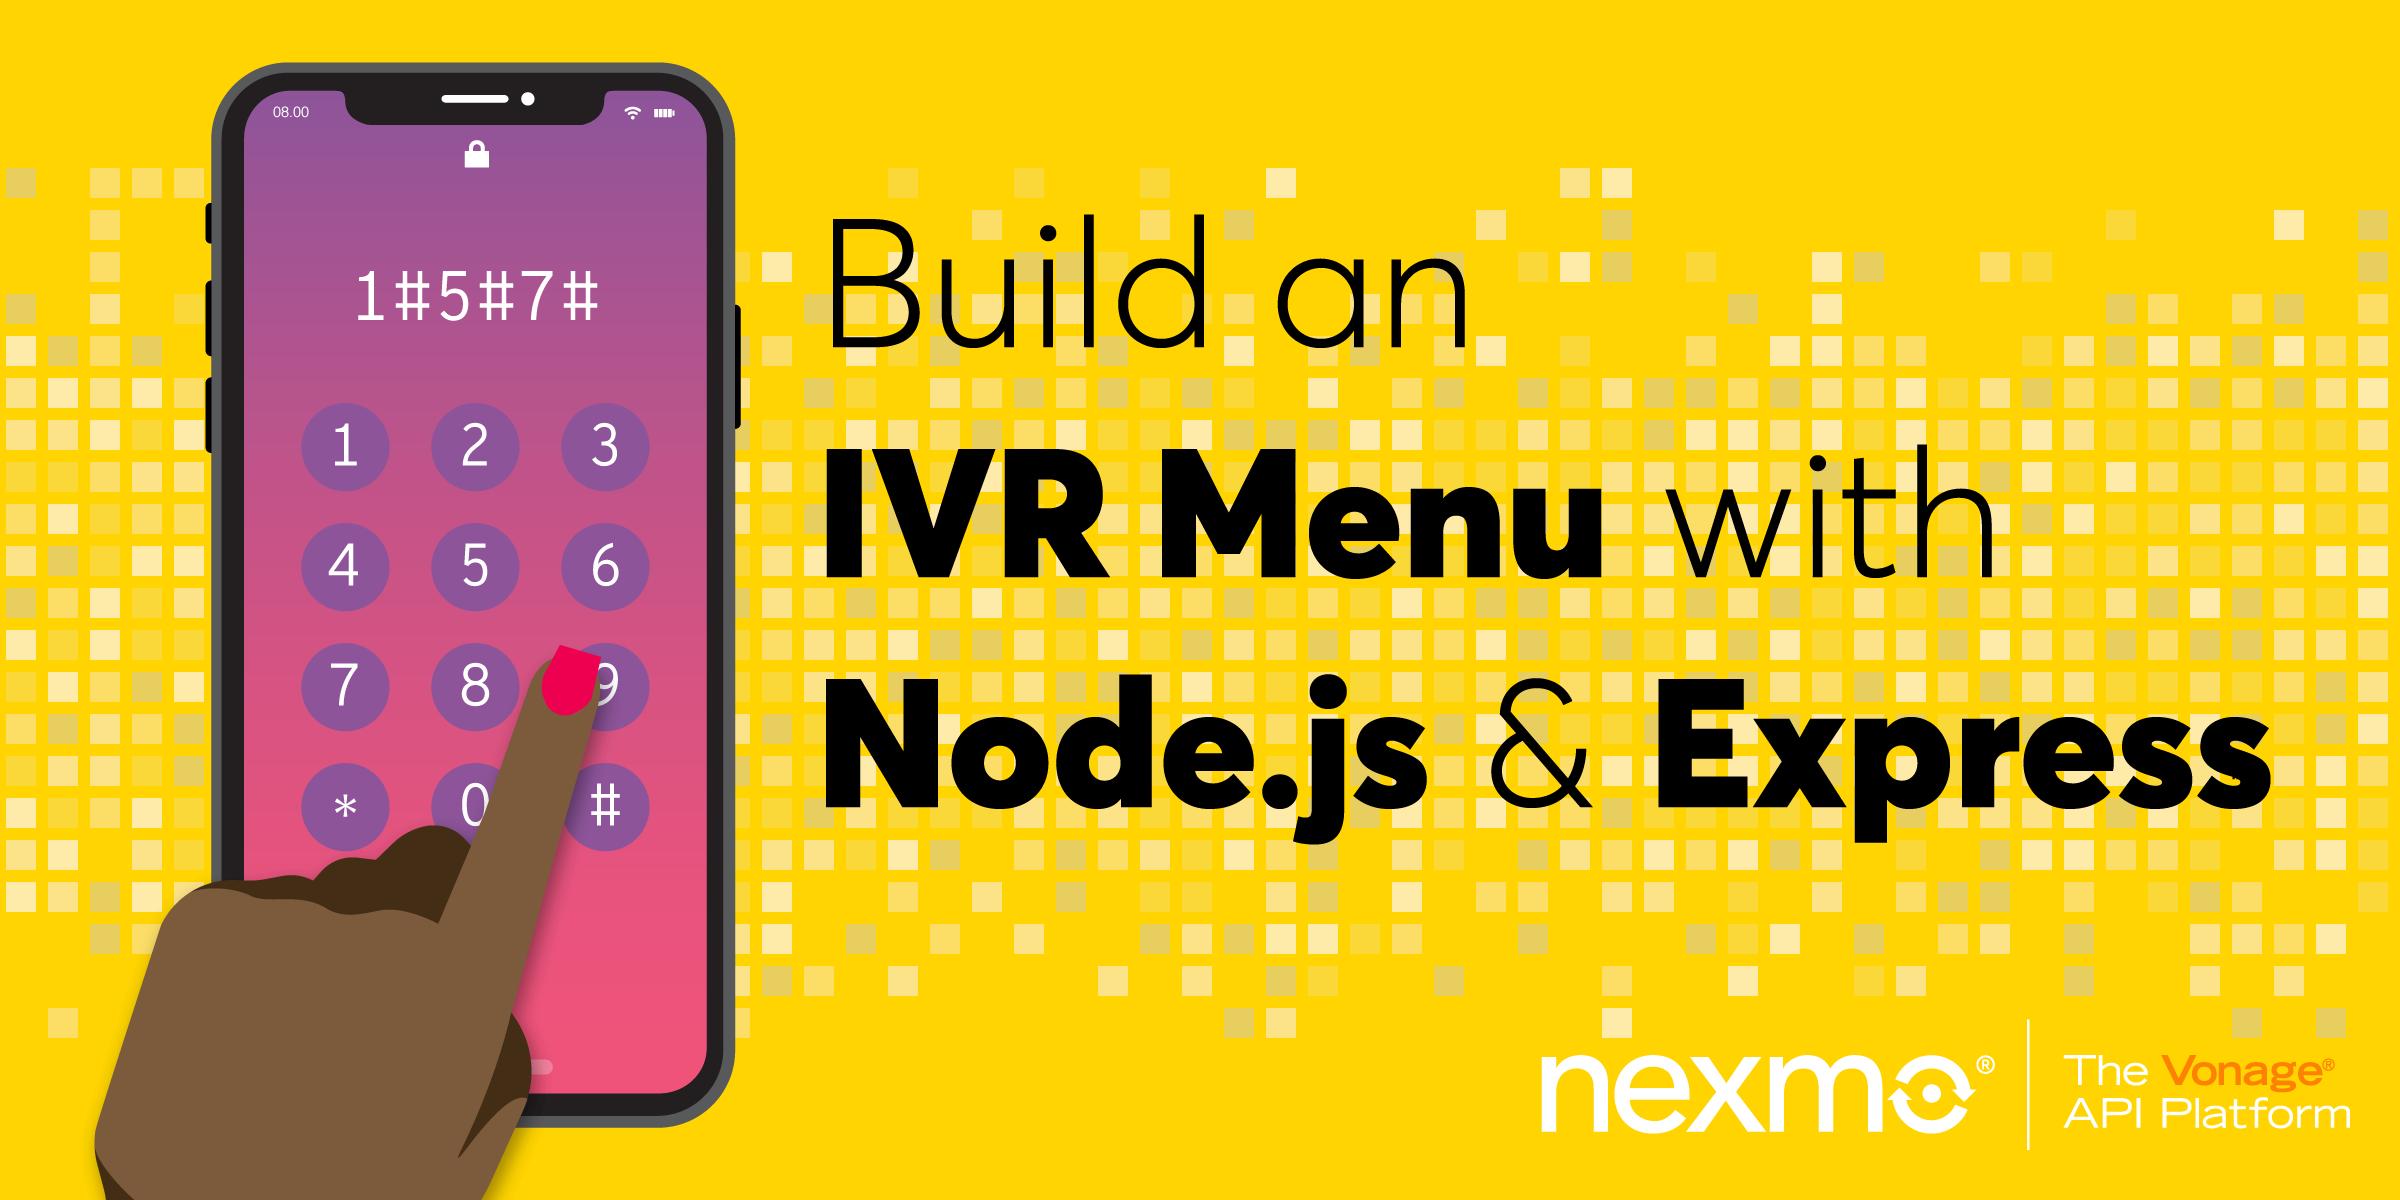 Build an Interactive Voice Response Menu using Node.js and Express